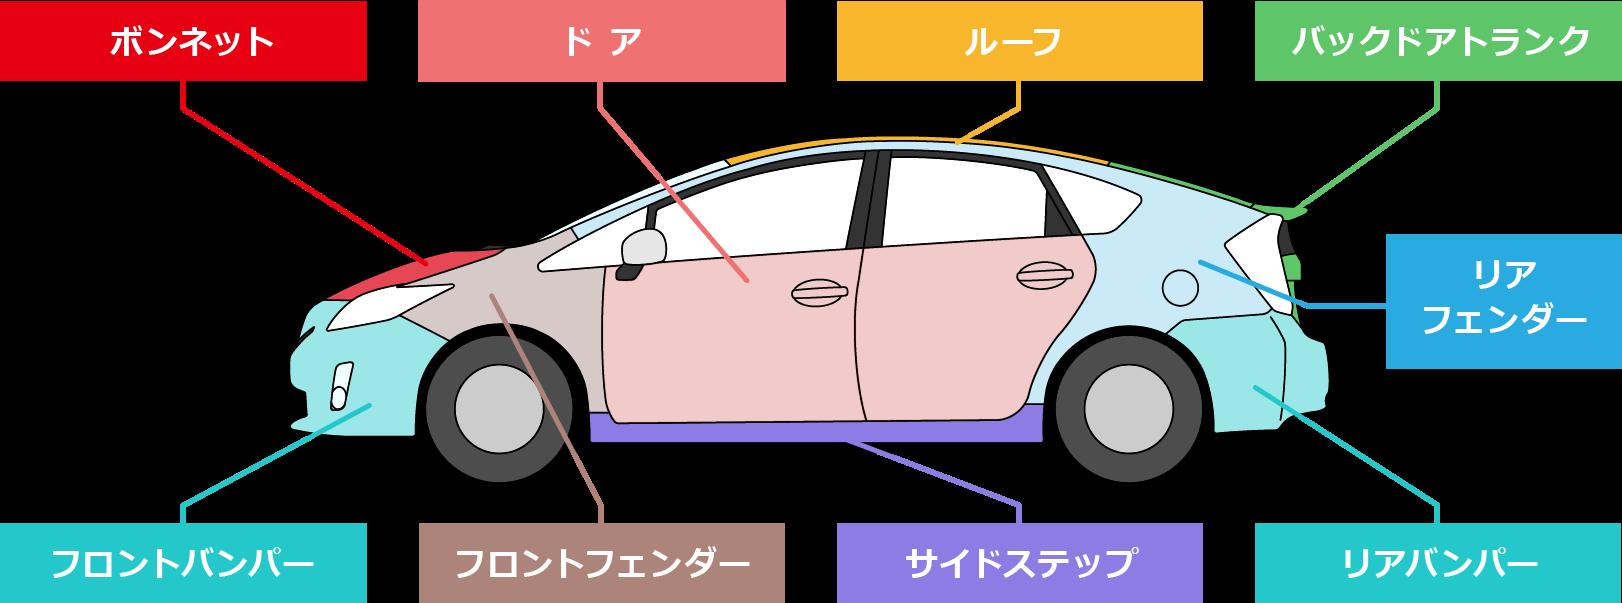 修理箇所の図